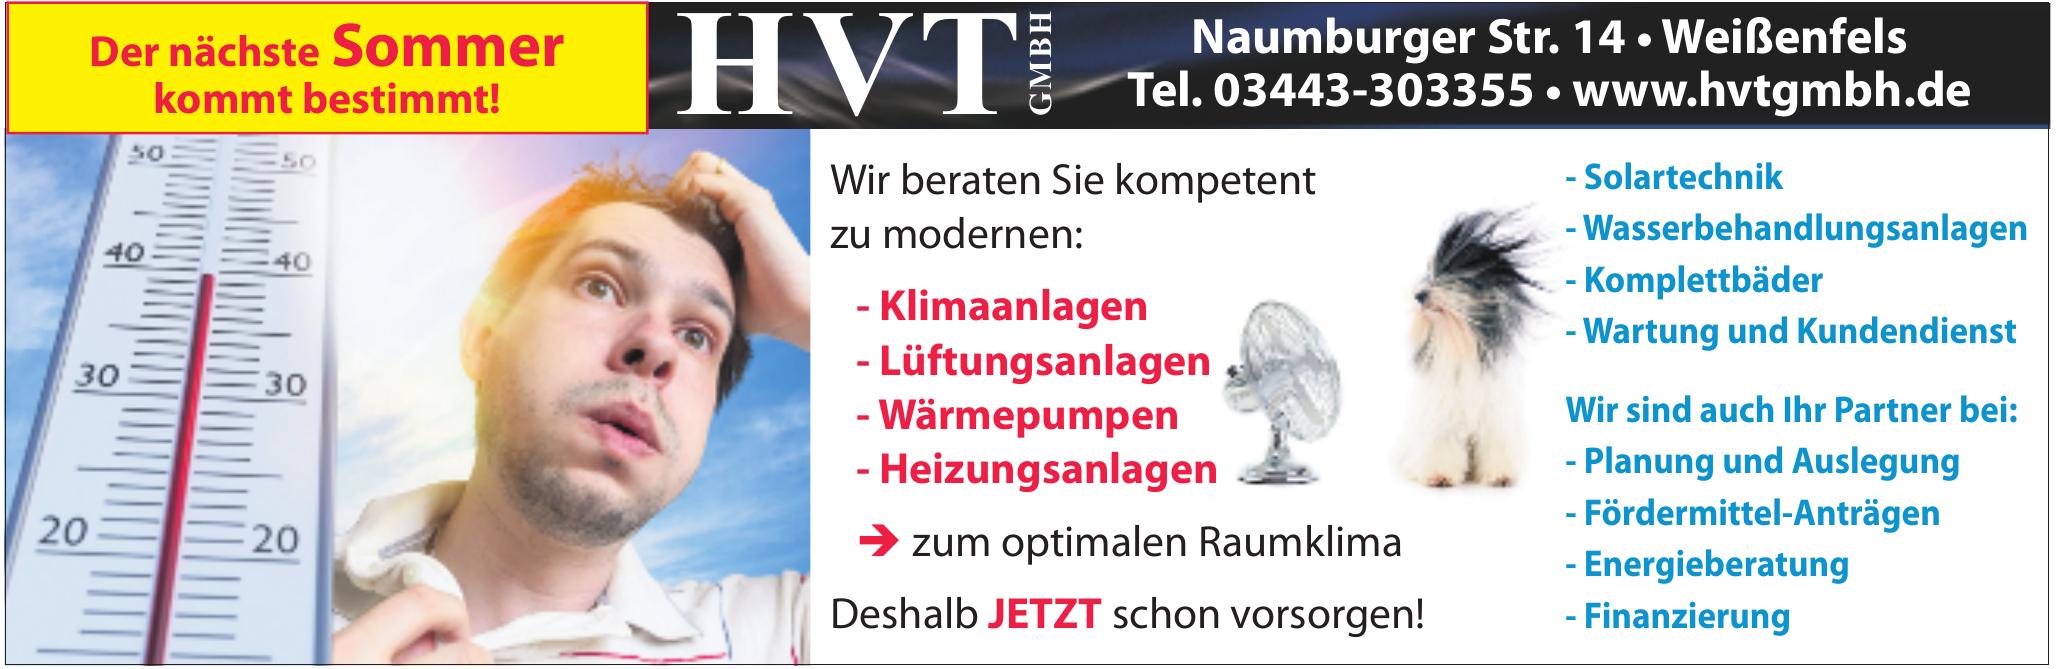 HVT GmbH